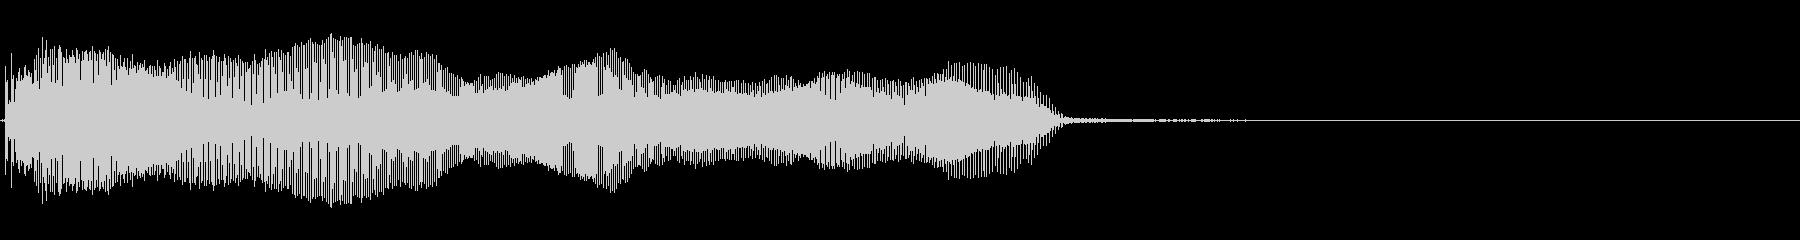 バイオリン:スライドダウン、漫画コ...の未再生の波形